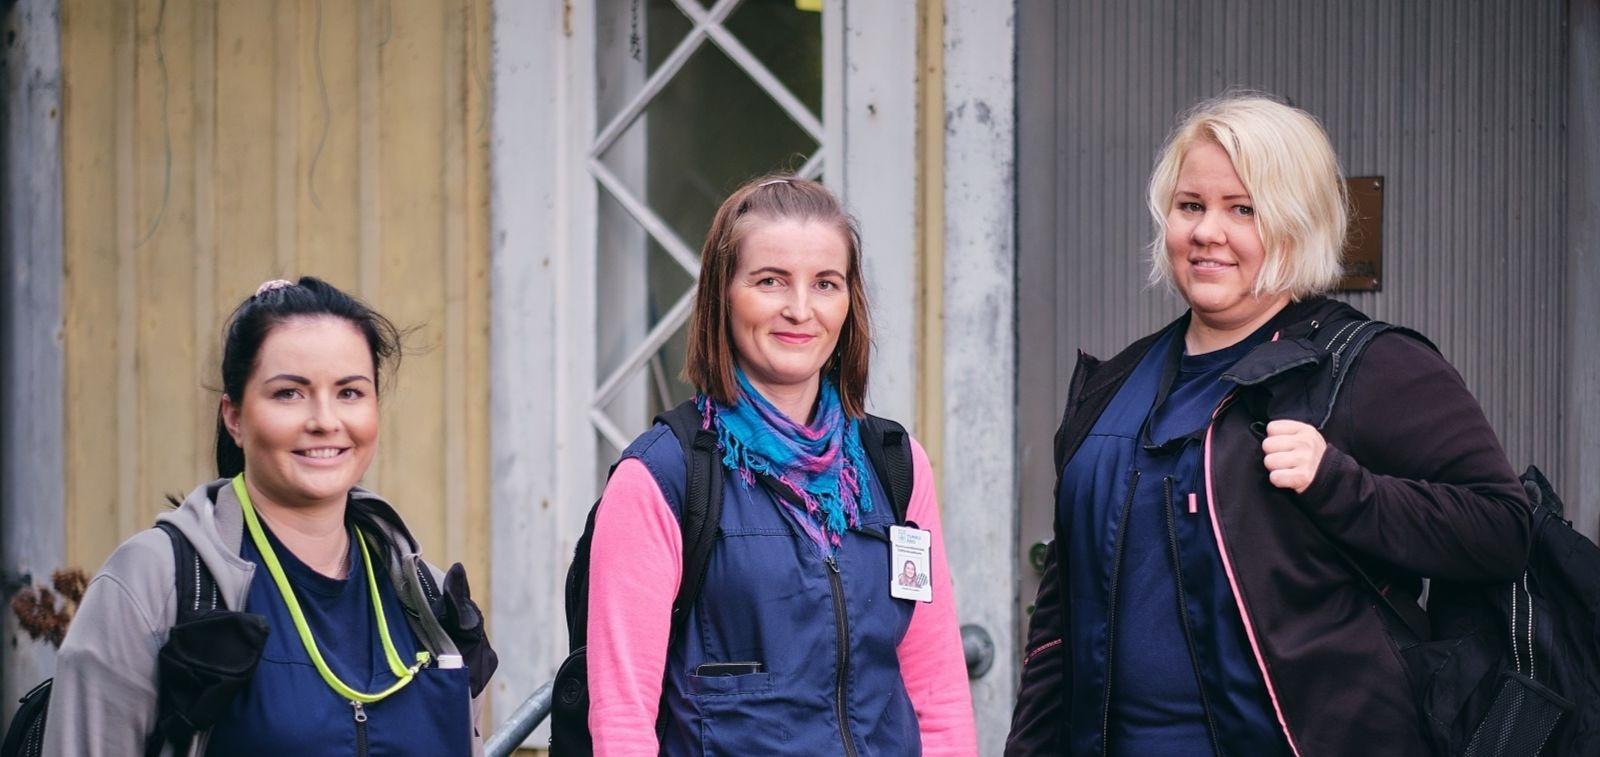 Kotihoidon kolme työntekijää seisovat portailla rivissä ulkona